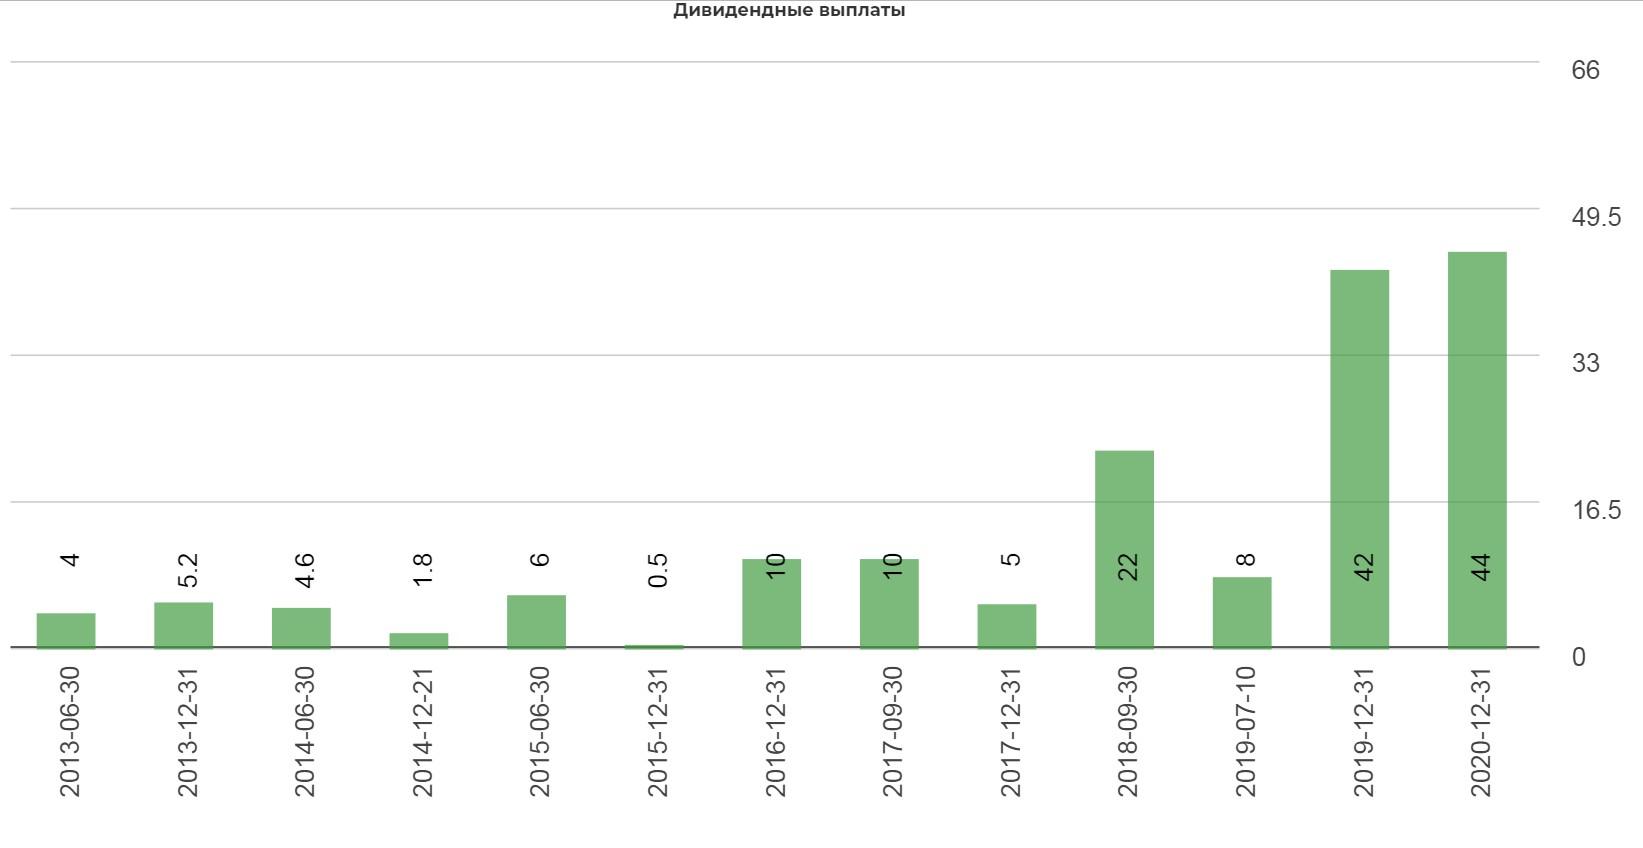 Газпромнефть переходит к 50% выплатам по МСФО. Сколько это? + маленький лайфхак как заработать на проклятом ММВБ.